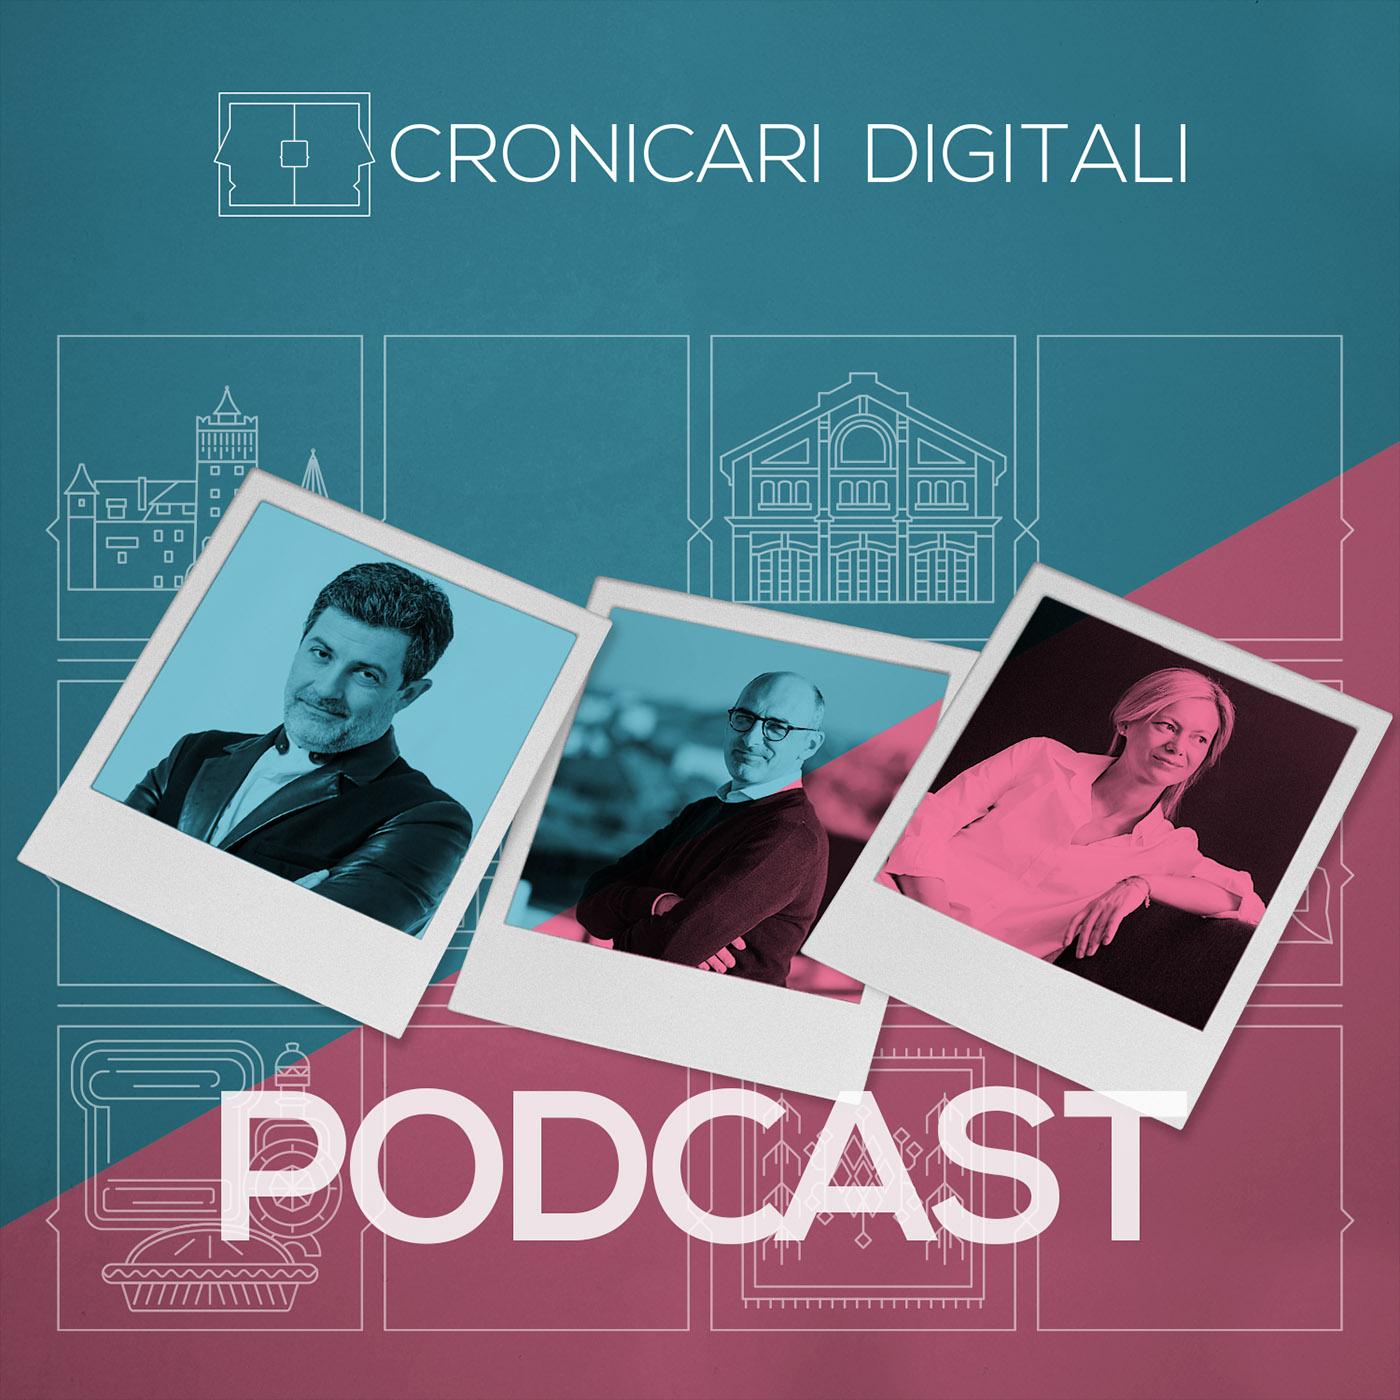 #cronicaridigitali S3 episod 7, Invitați Mihai Călin, Ovidiu Șandor și Adriana Sohodoleanu